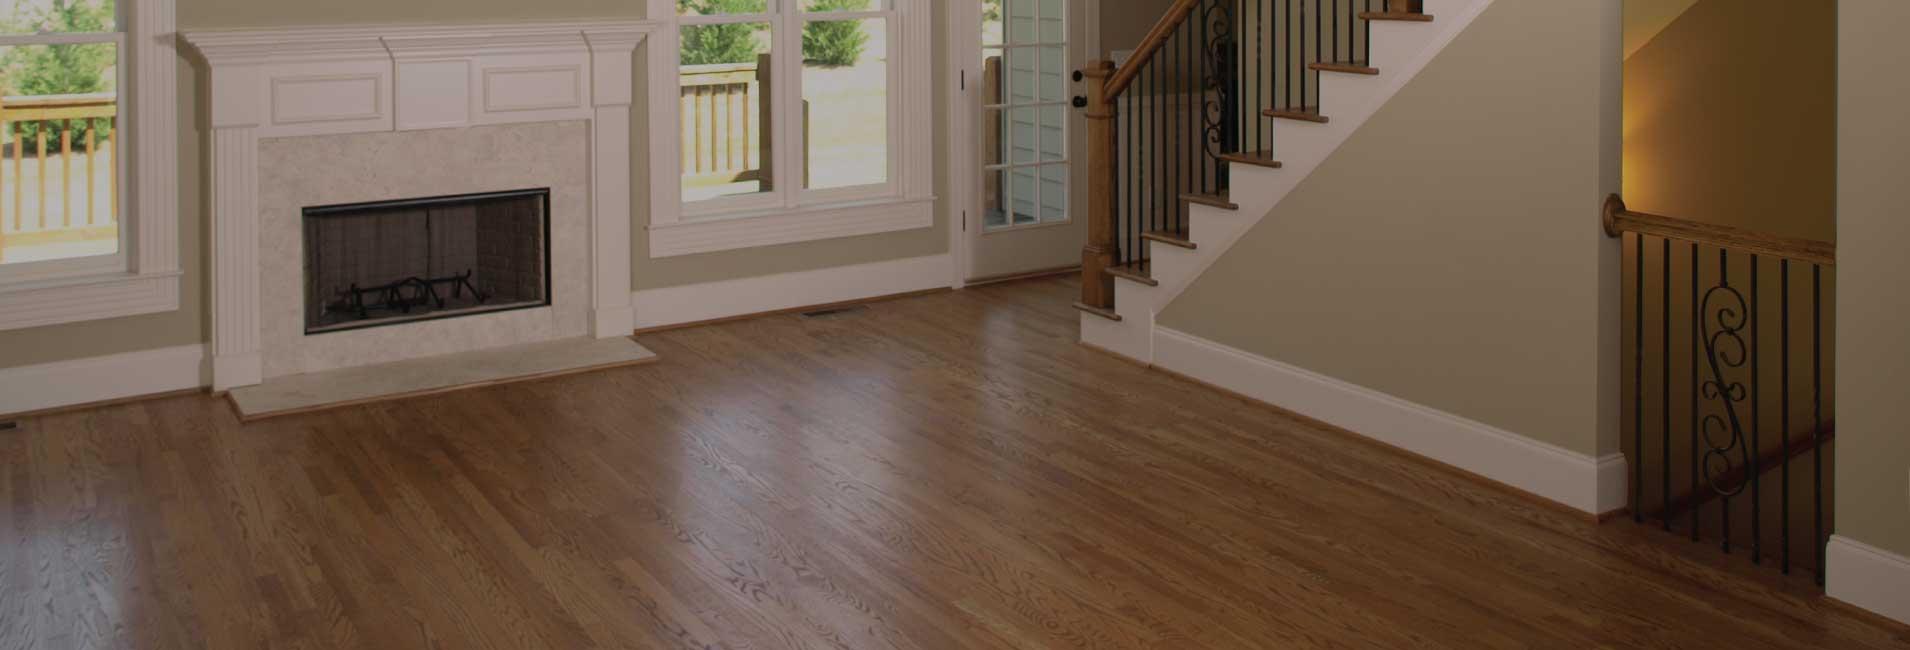 hardwood flooring cleveland ohio